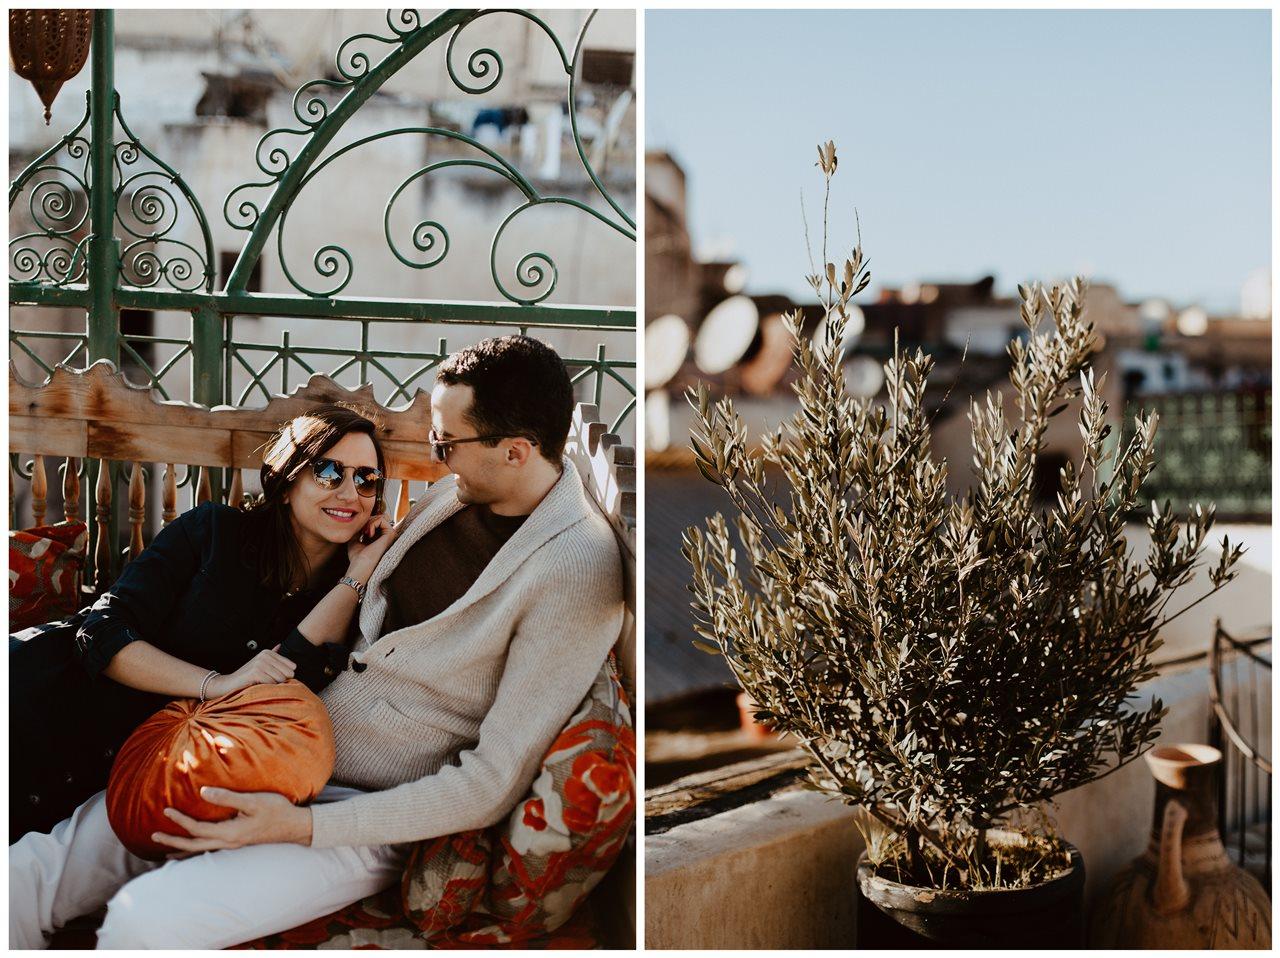 séance couple maroc fès mariés canapé terasse plante olivier